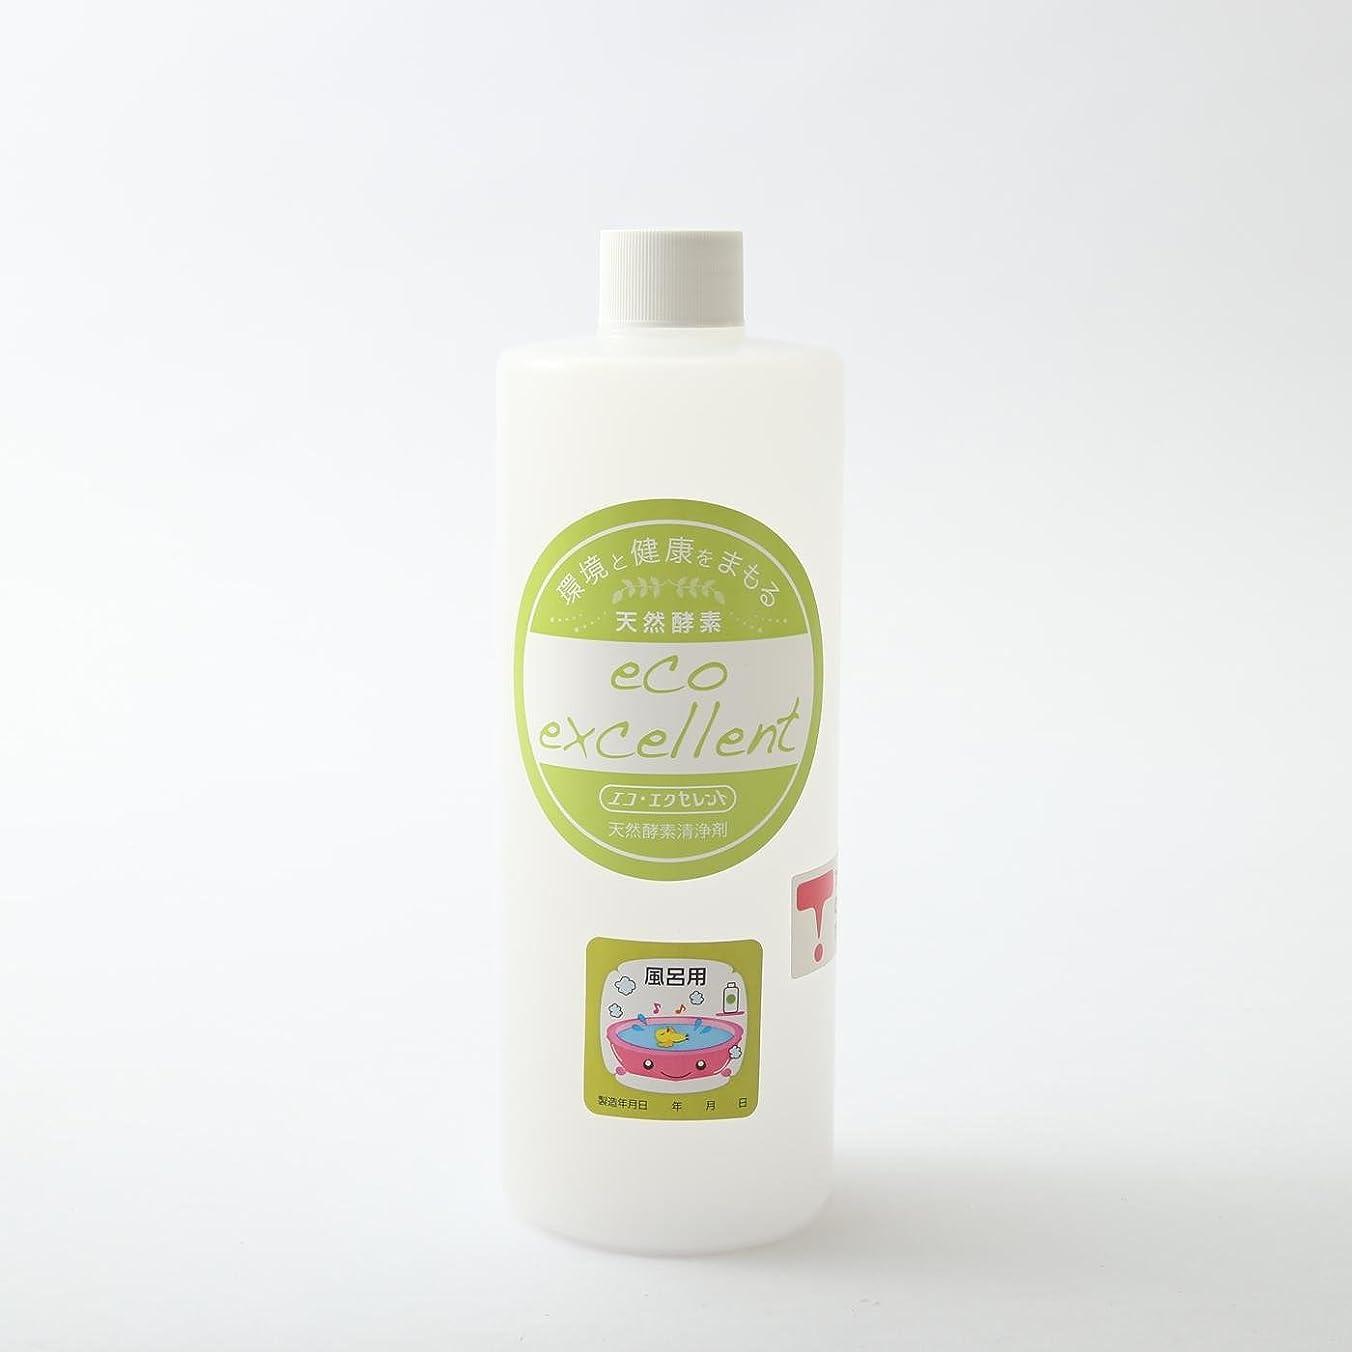 舗装するミシン目障害天然酵素洗浄剤 エコエクセレント風呂用